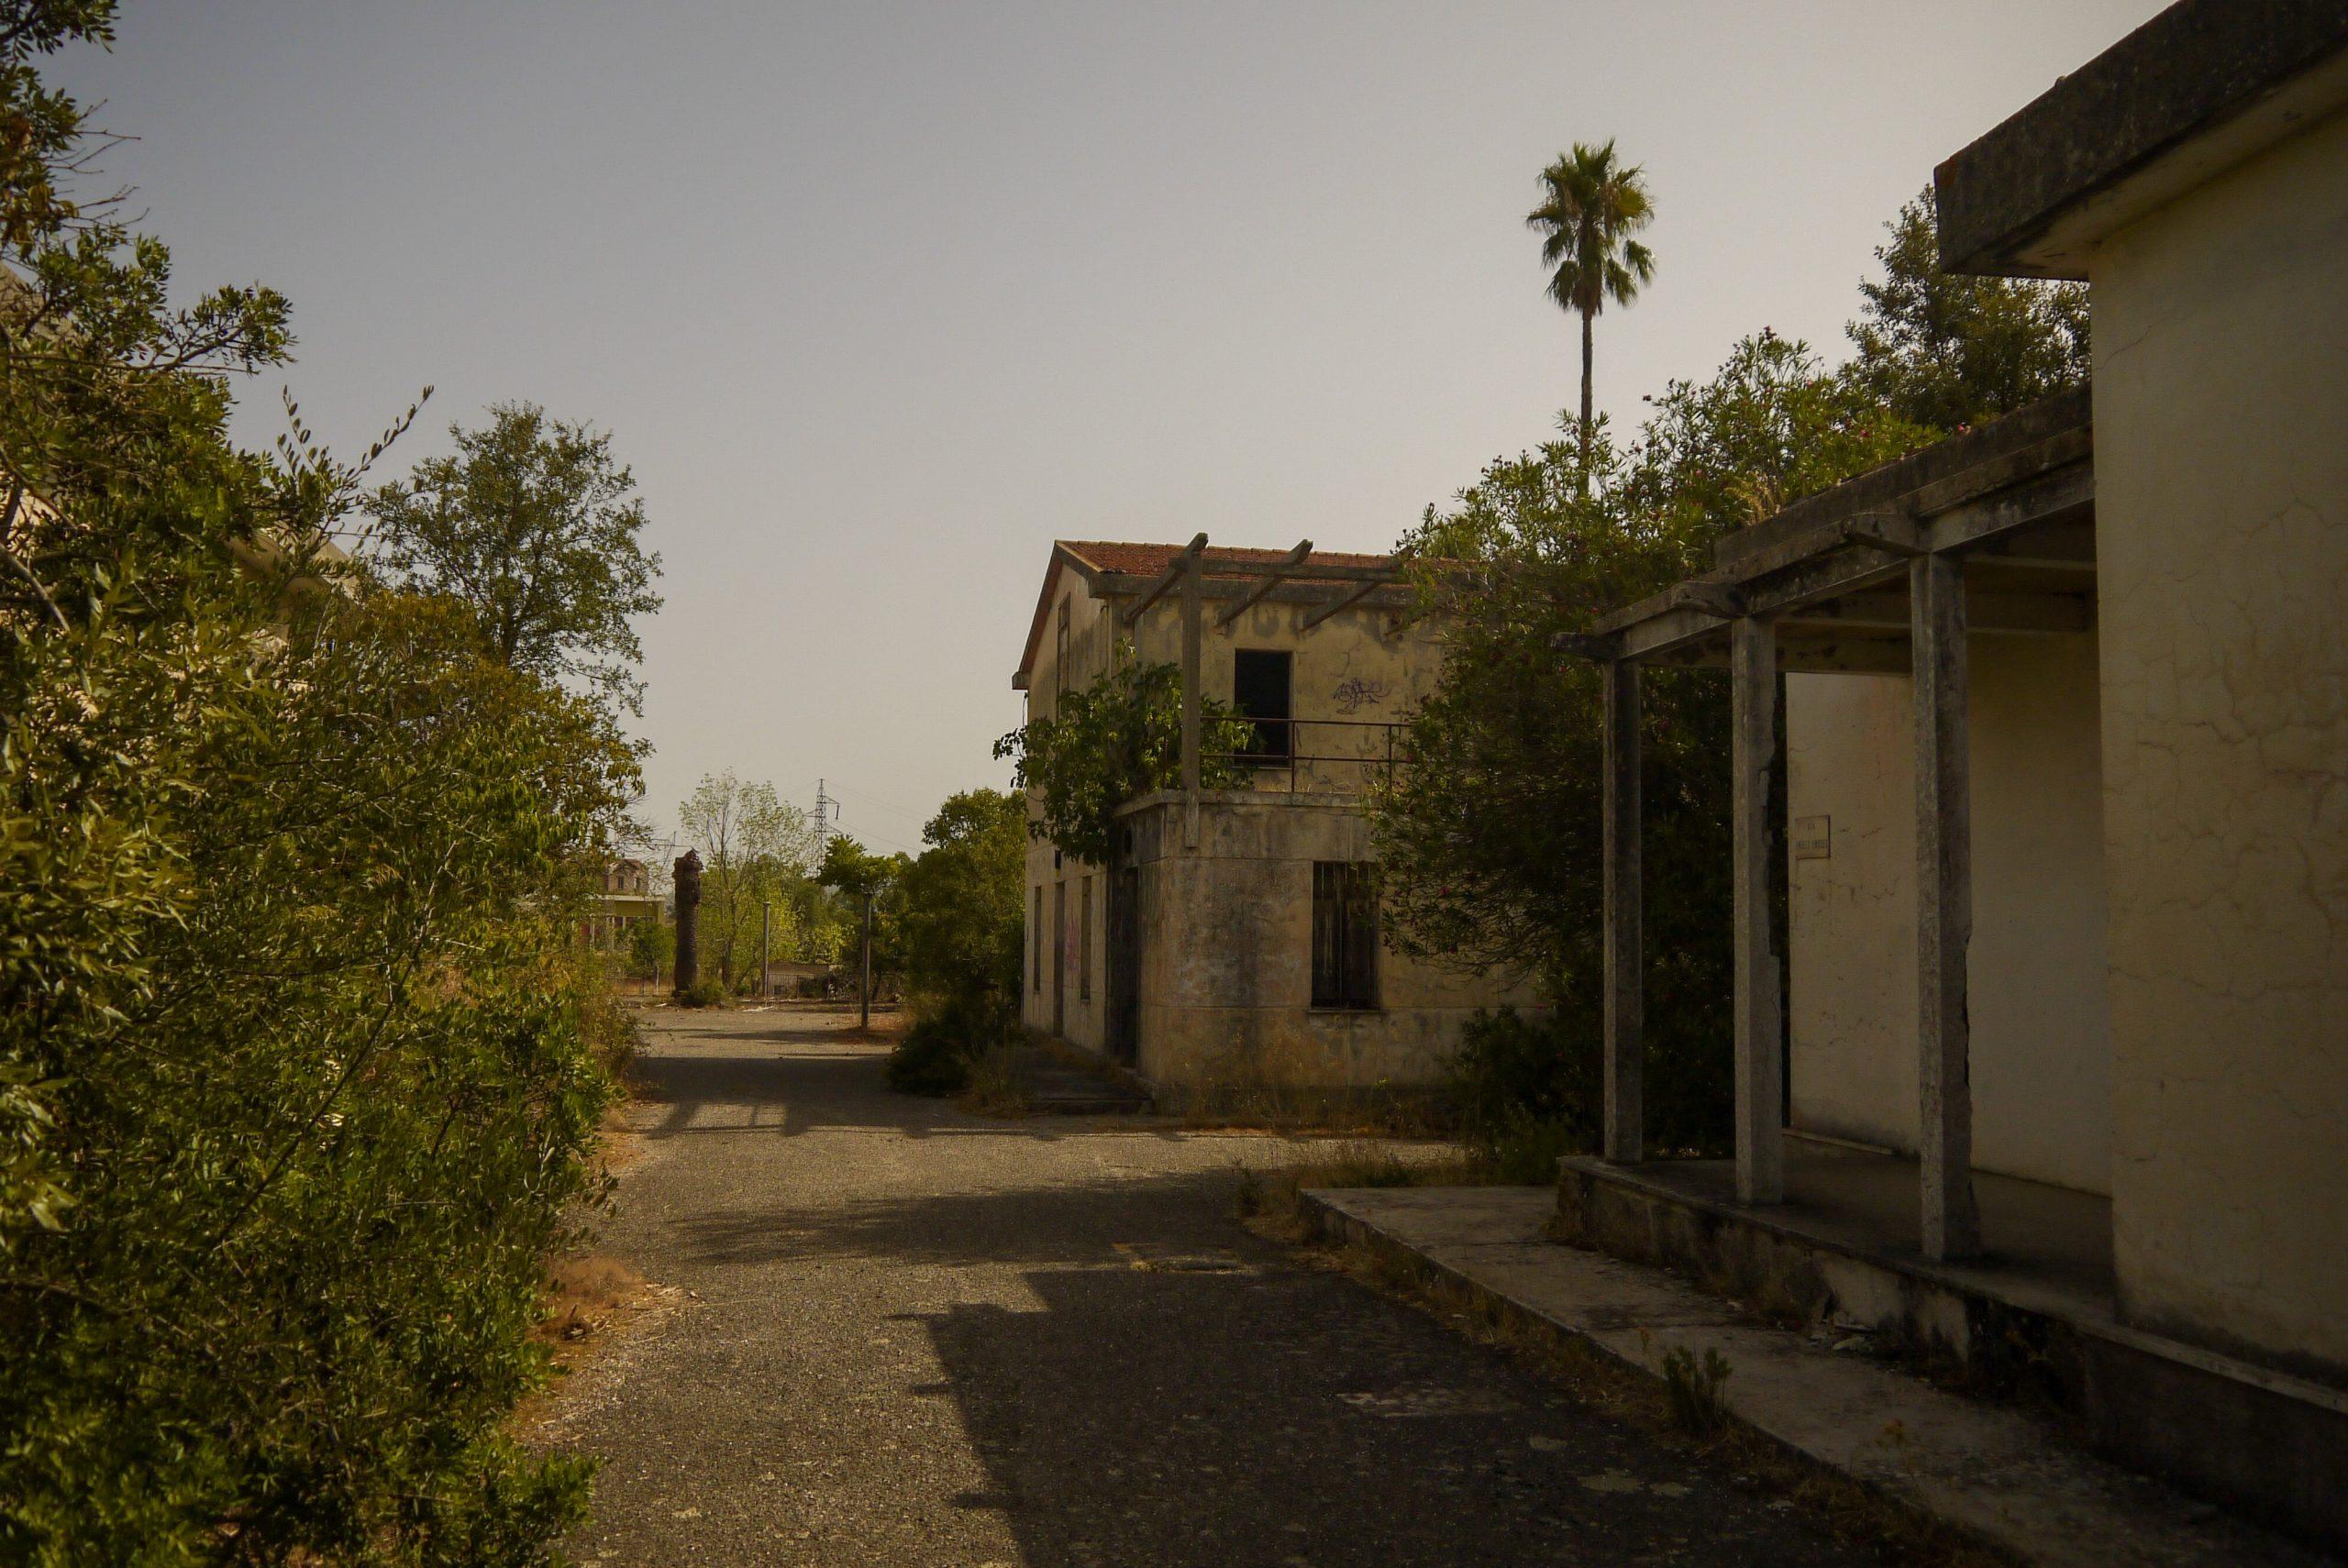 Luoghi abbandonati in Sardegna